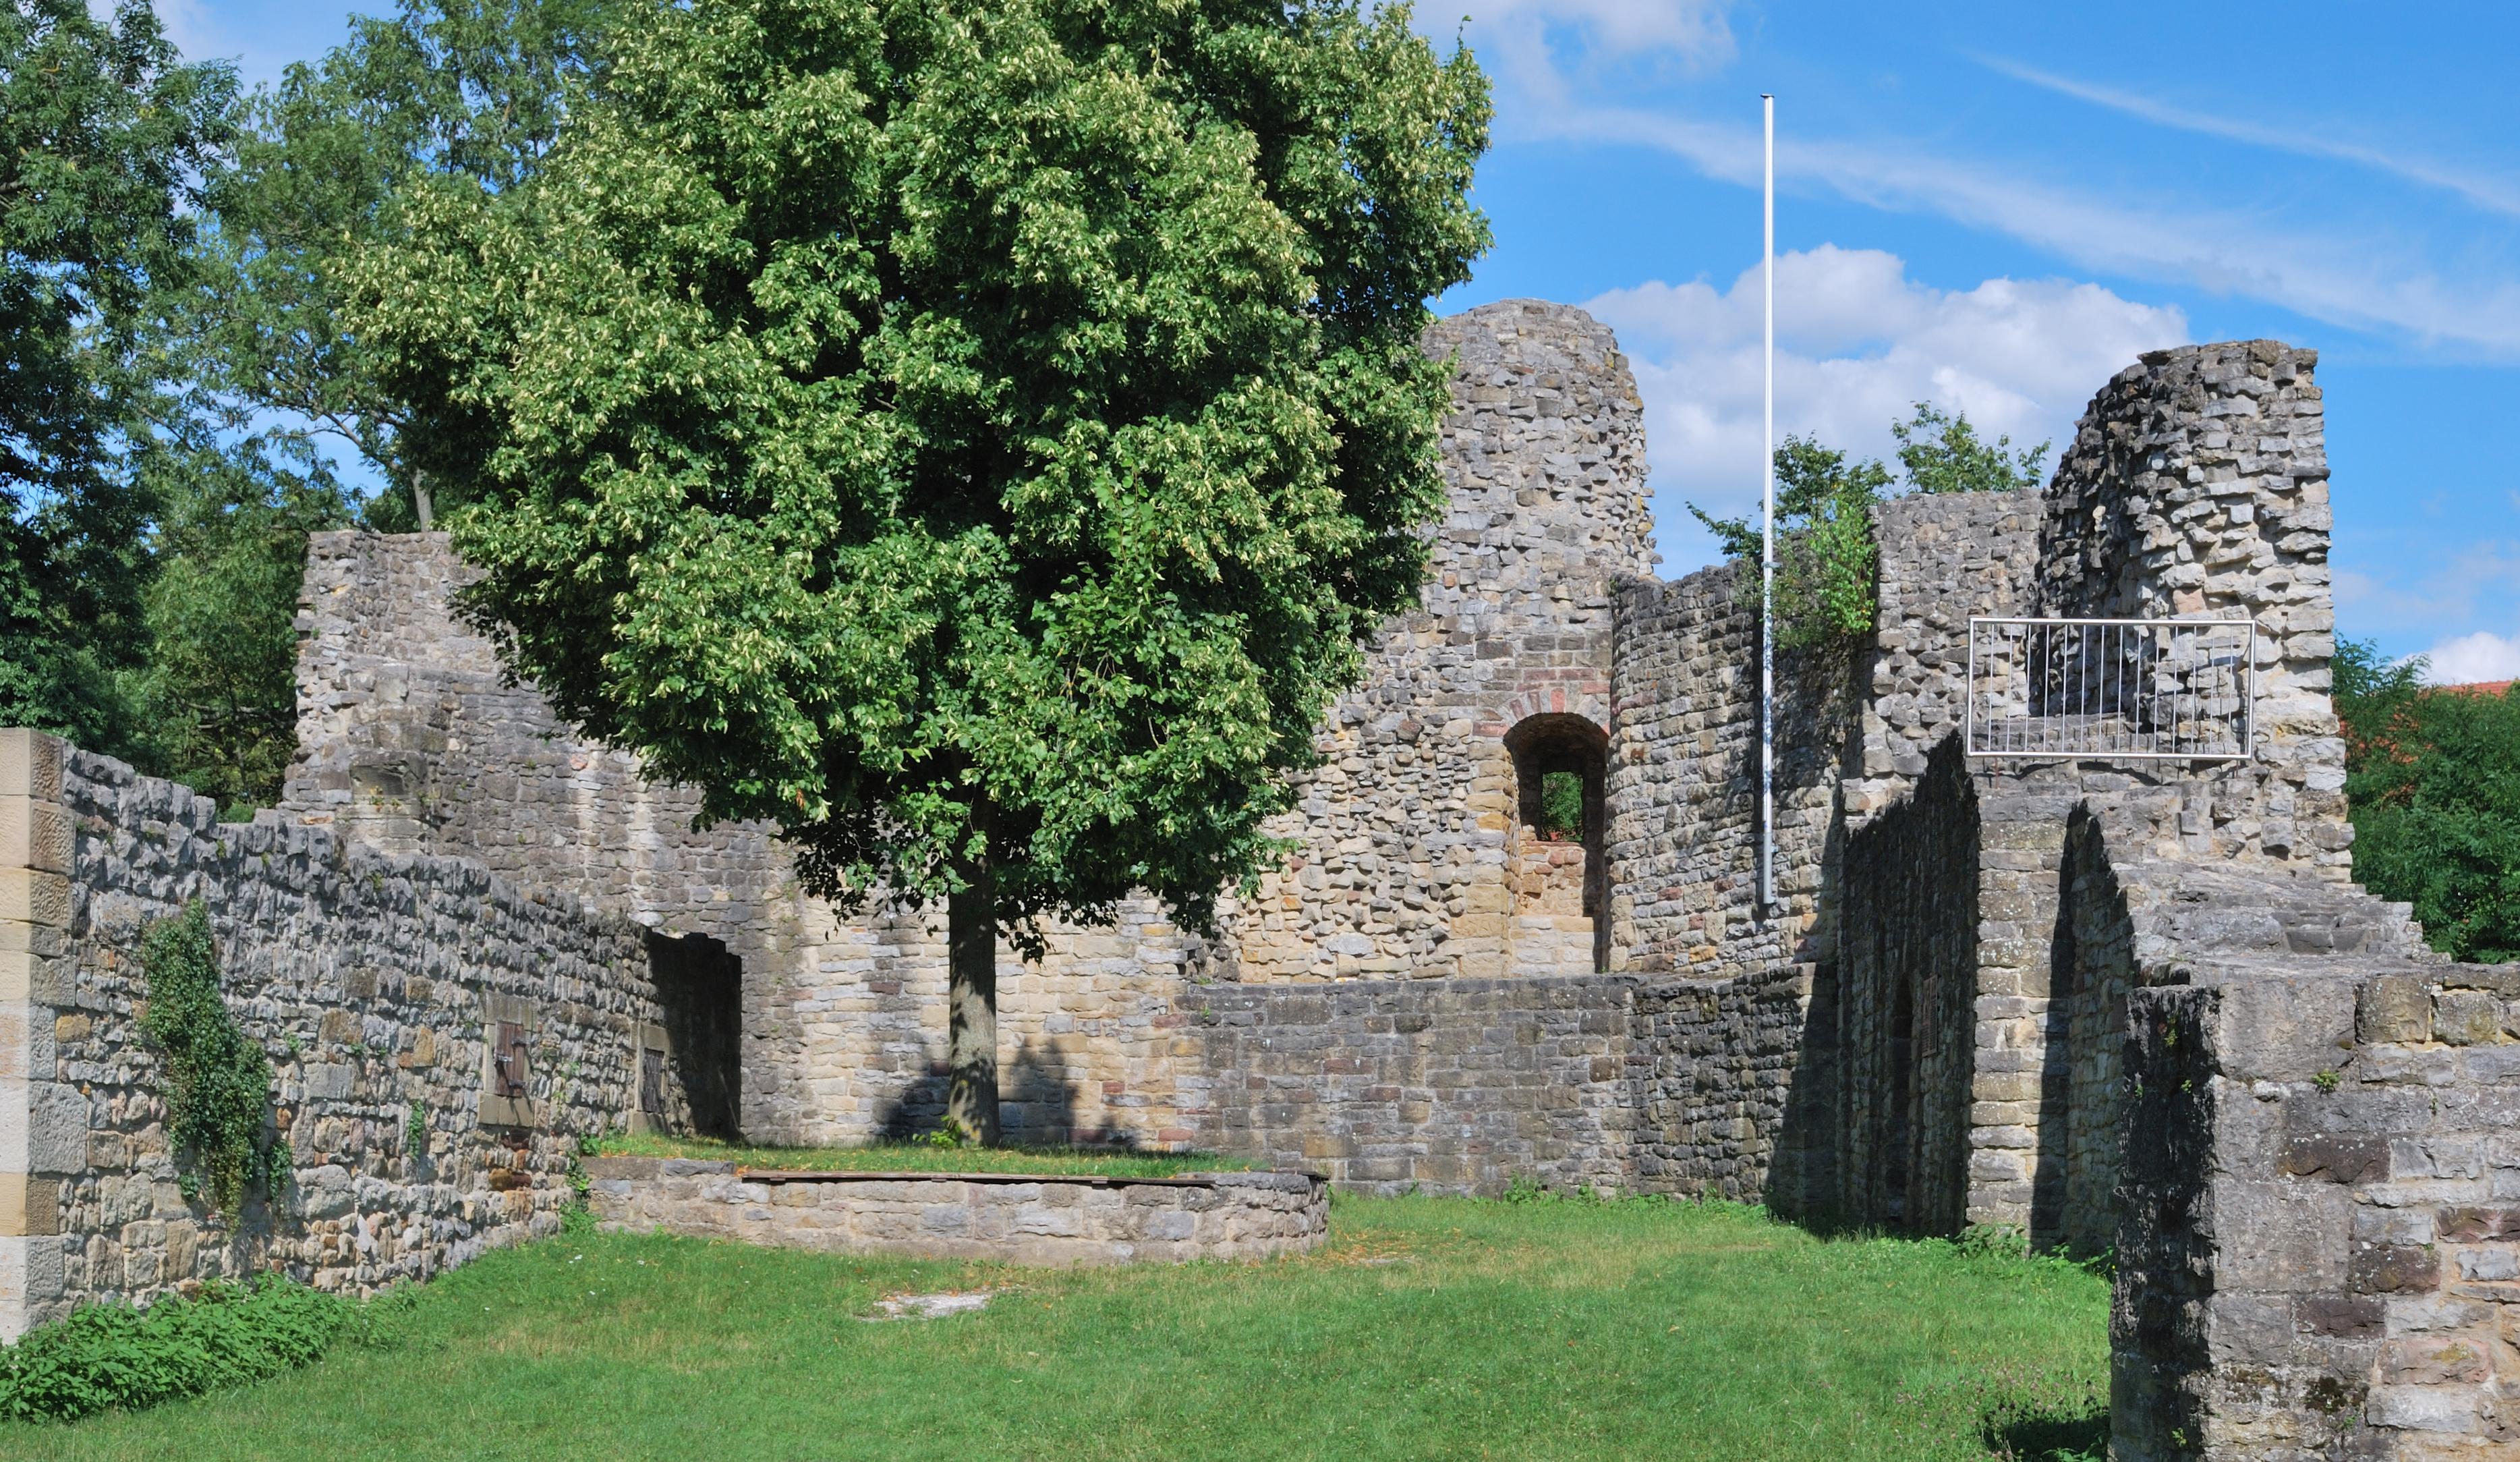 Nippenburg httpsuploadwikimediaorgwikipediacommons44